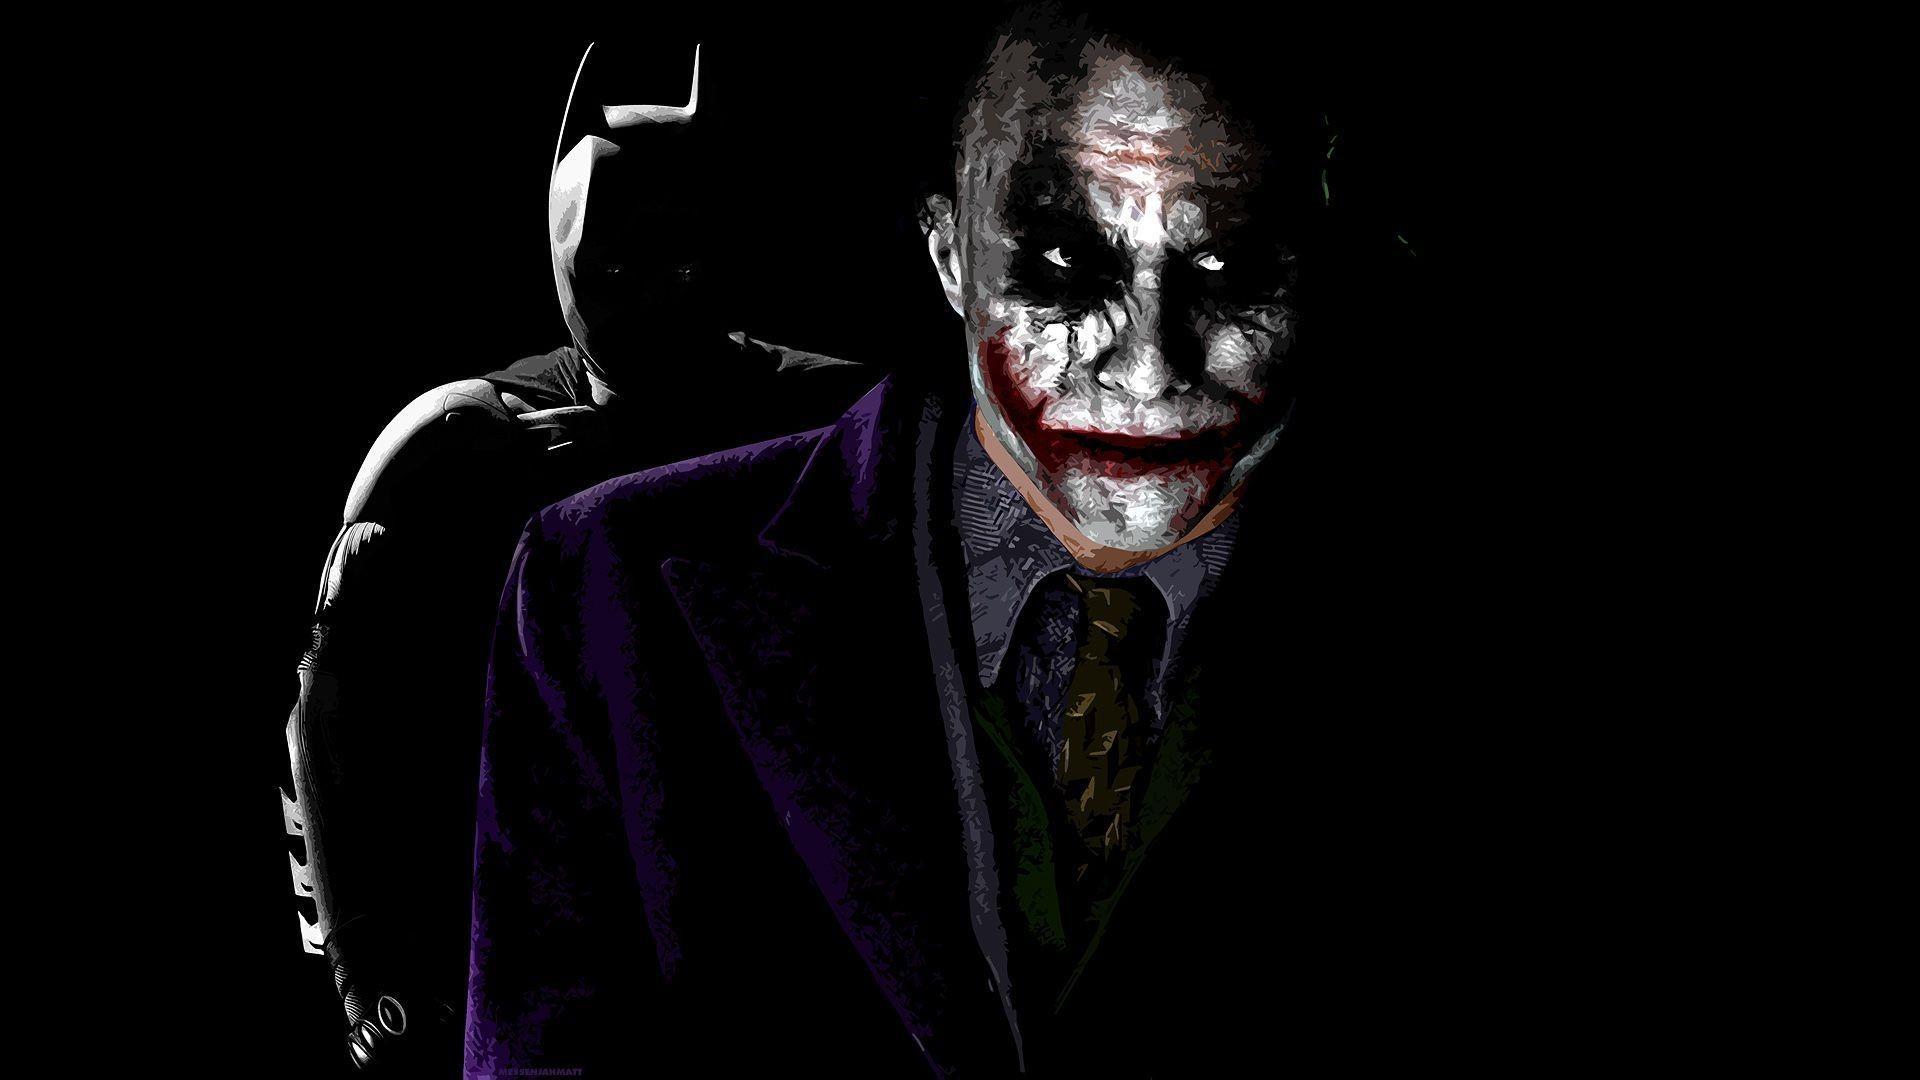 Joker wallpaper hd 1080p 81 immagini for Sfondi batman